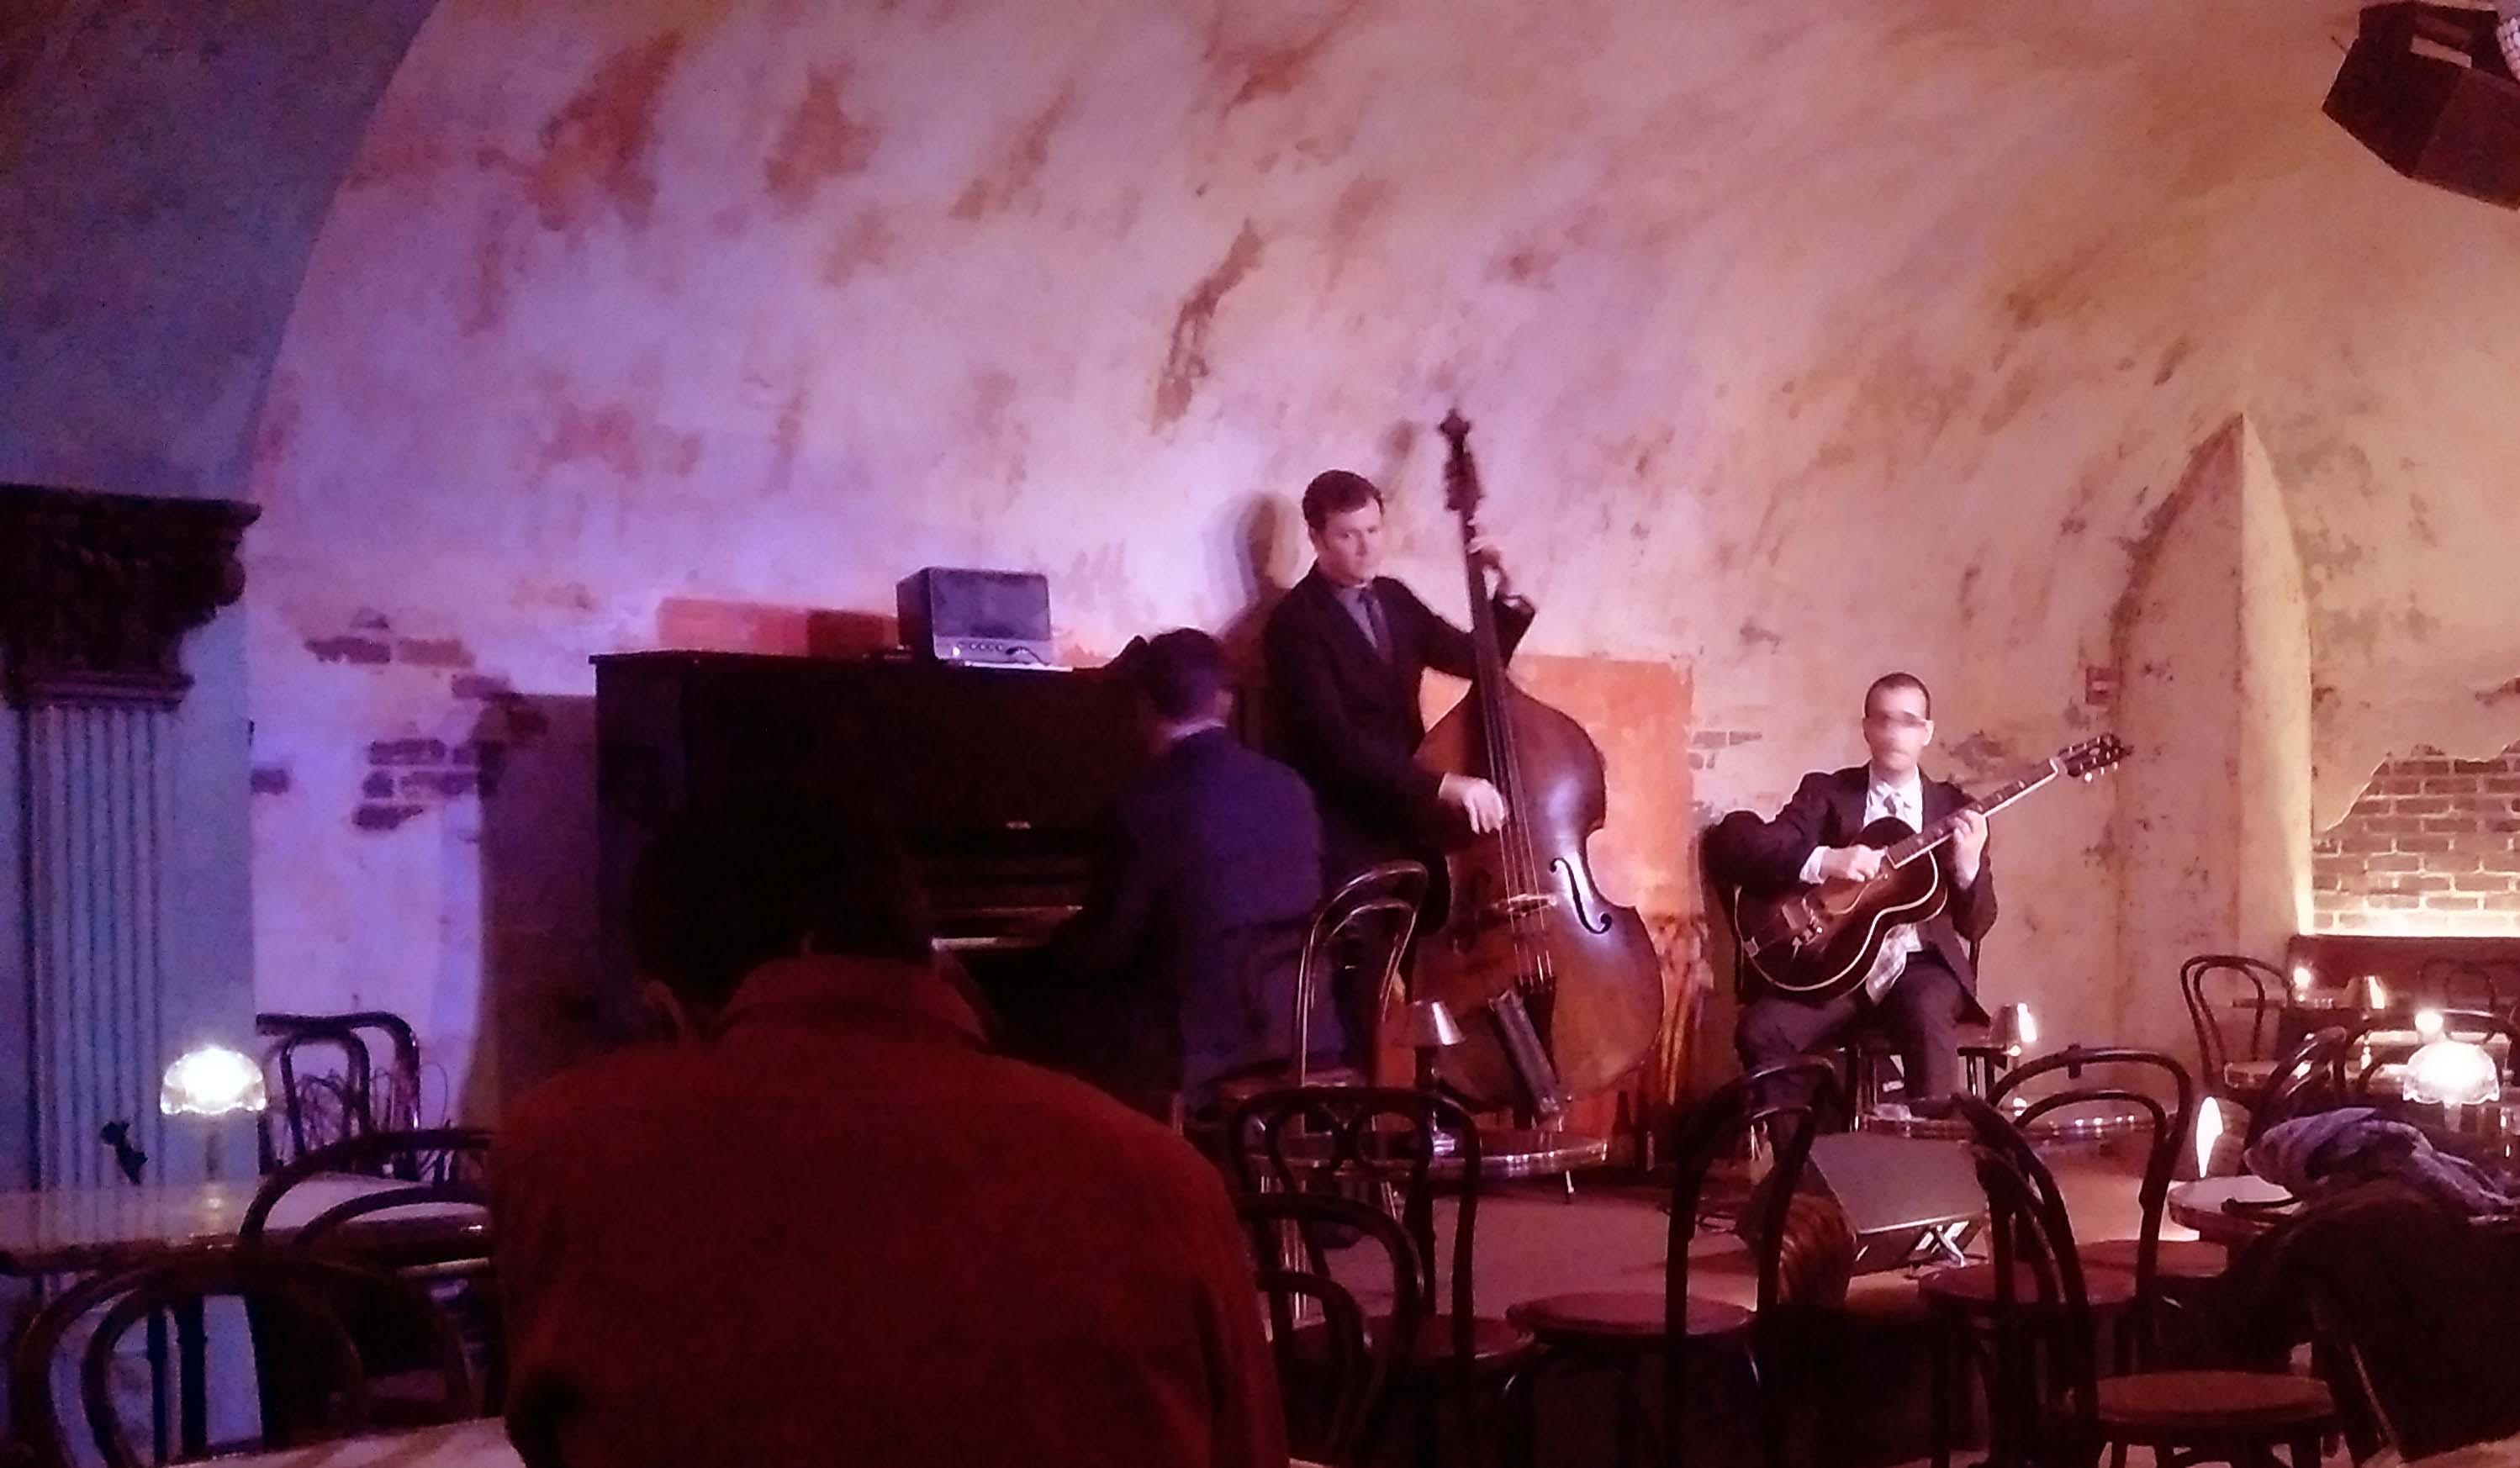 Jazz band at Django